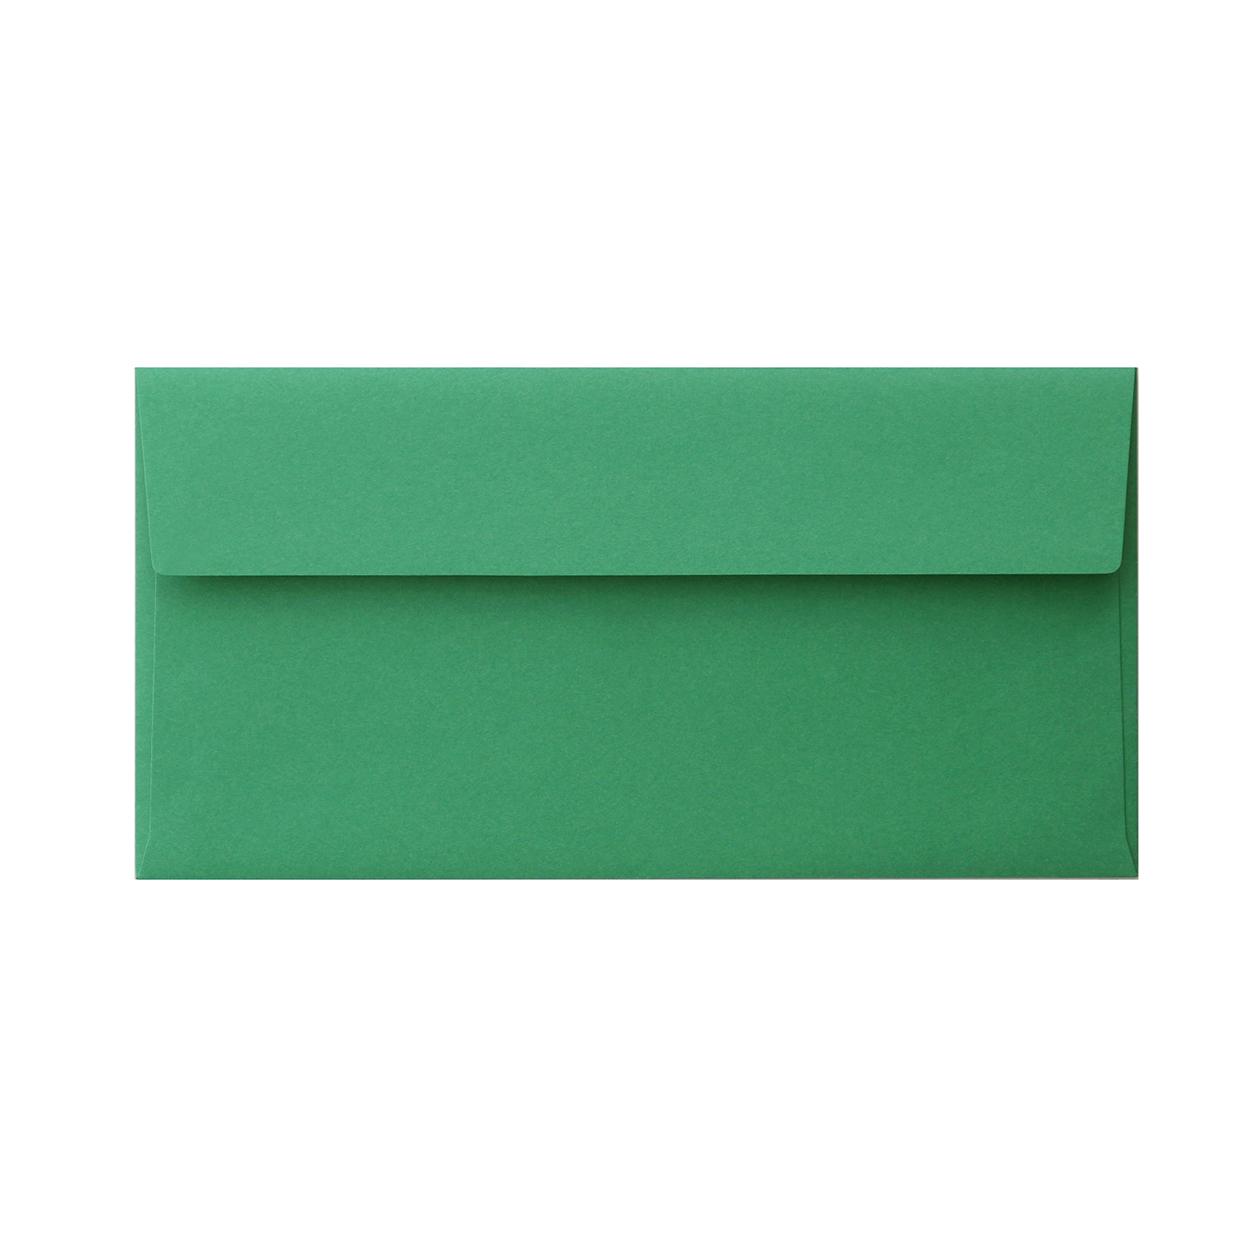 長3カマス封筒 コットン(NTラシャ) 緑 116.3g